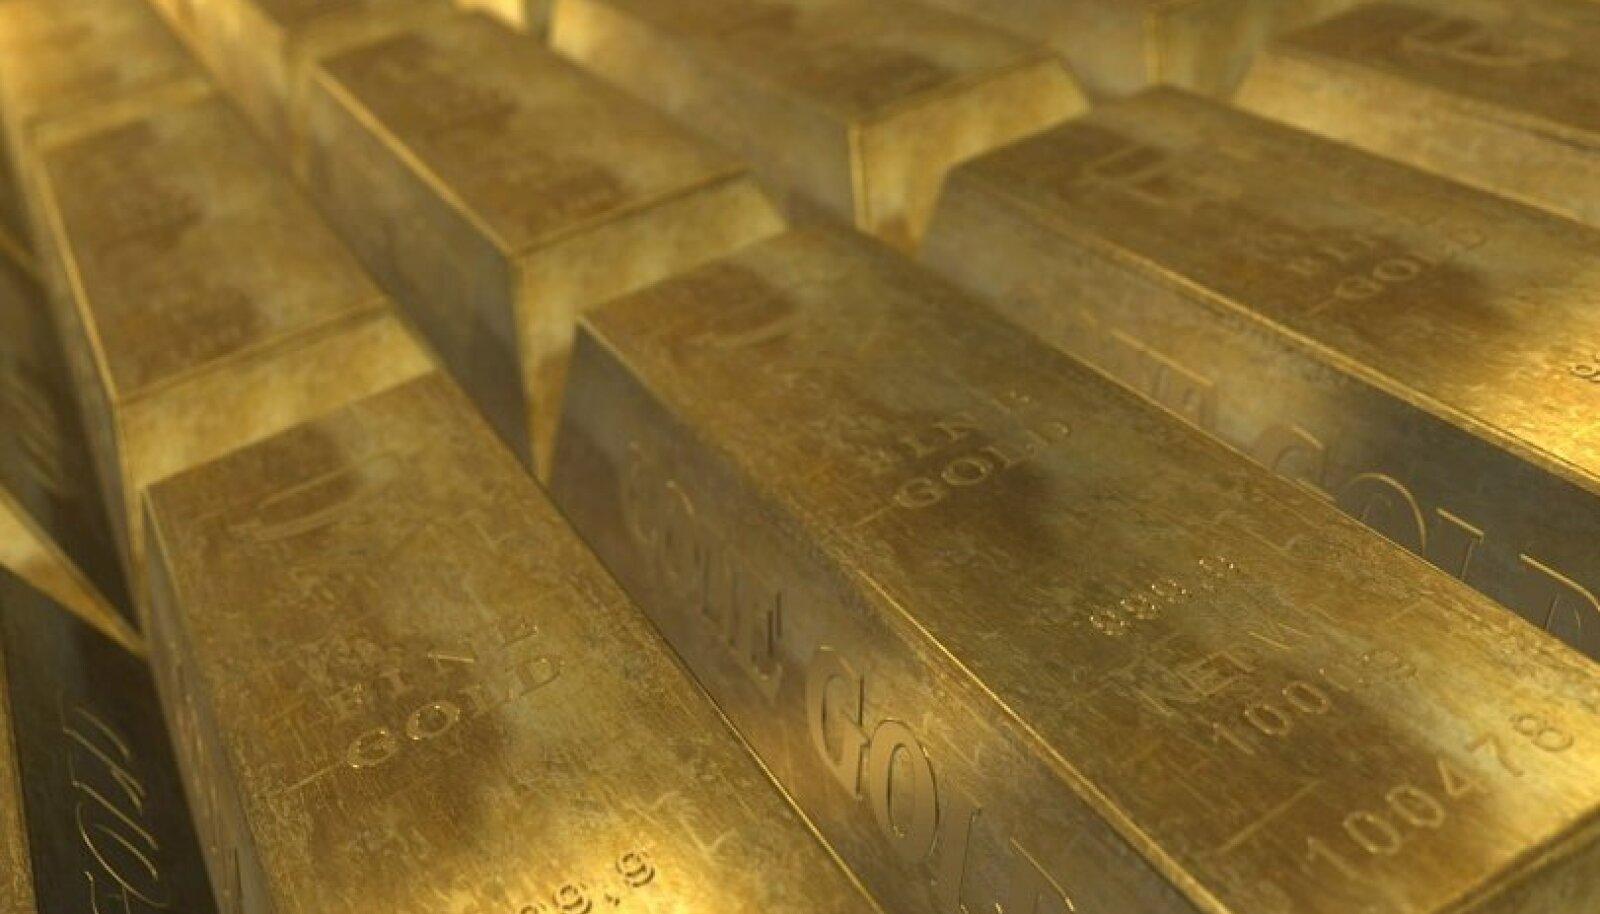 Kulla, nagu ka kõige muu teekond algas mittemillestki.